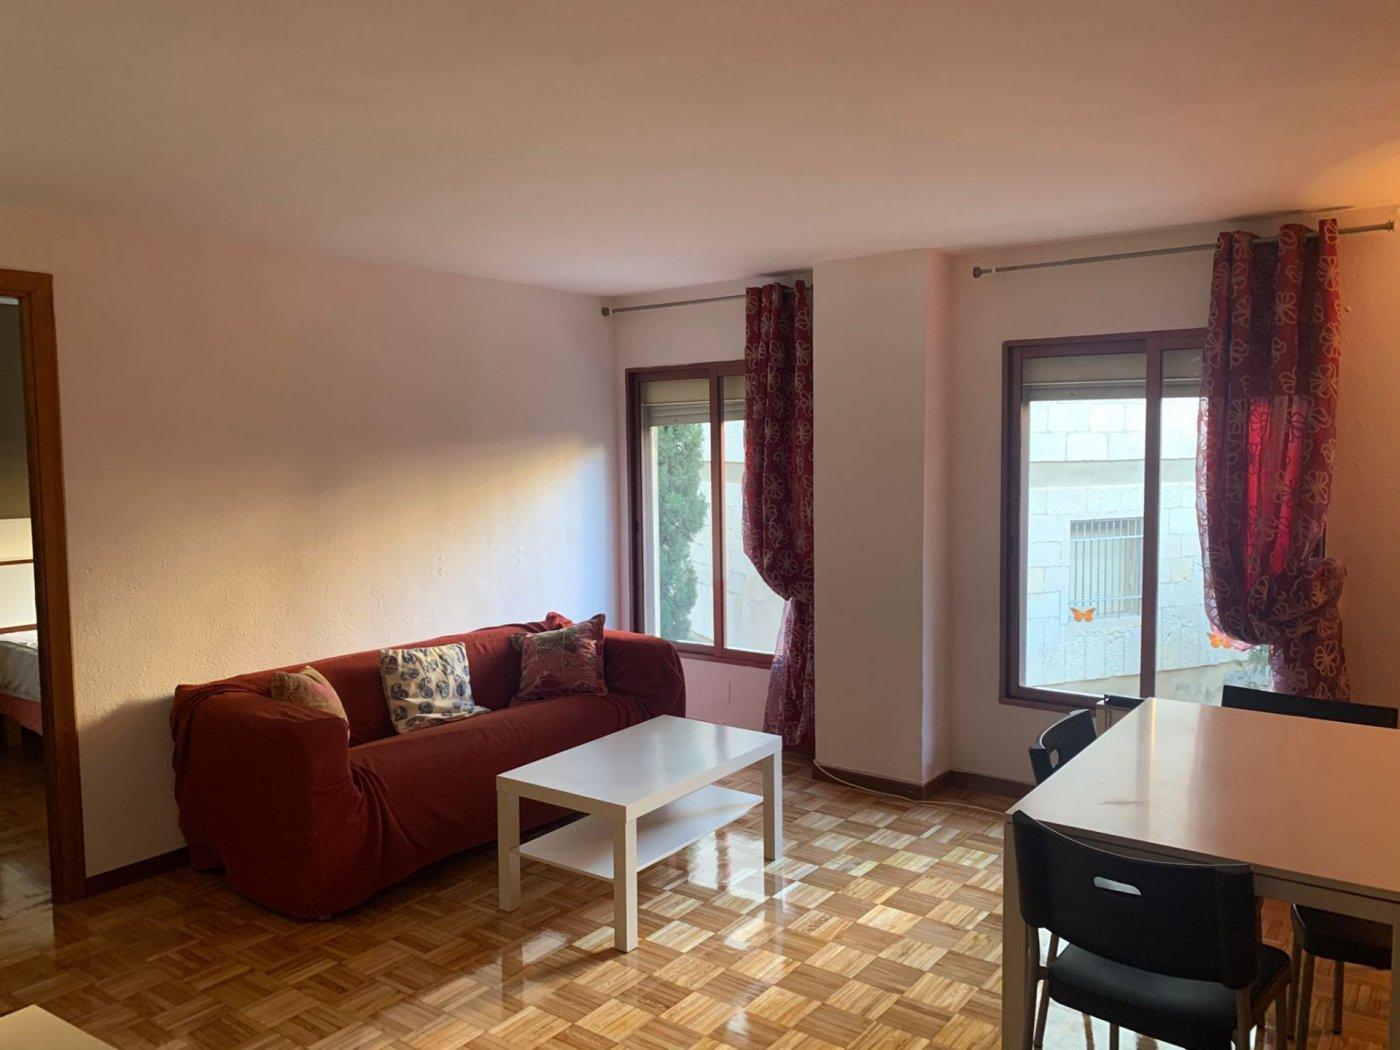 Apartamento en alquiler en Zamora, Zamora